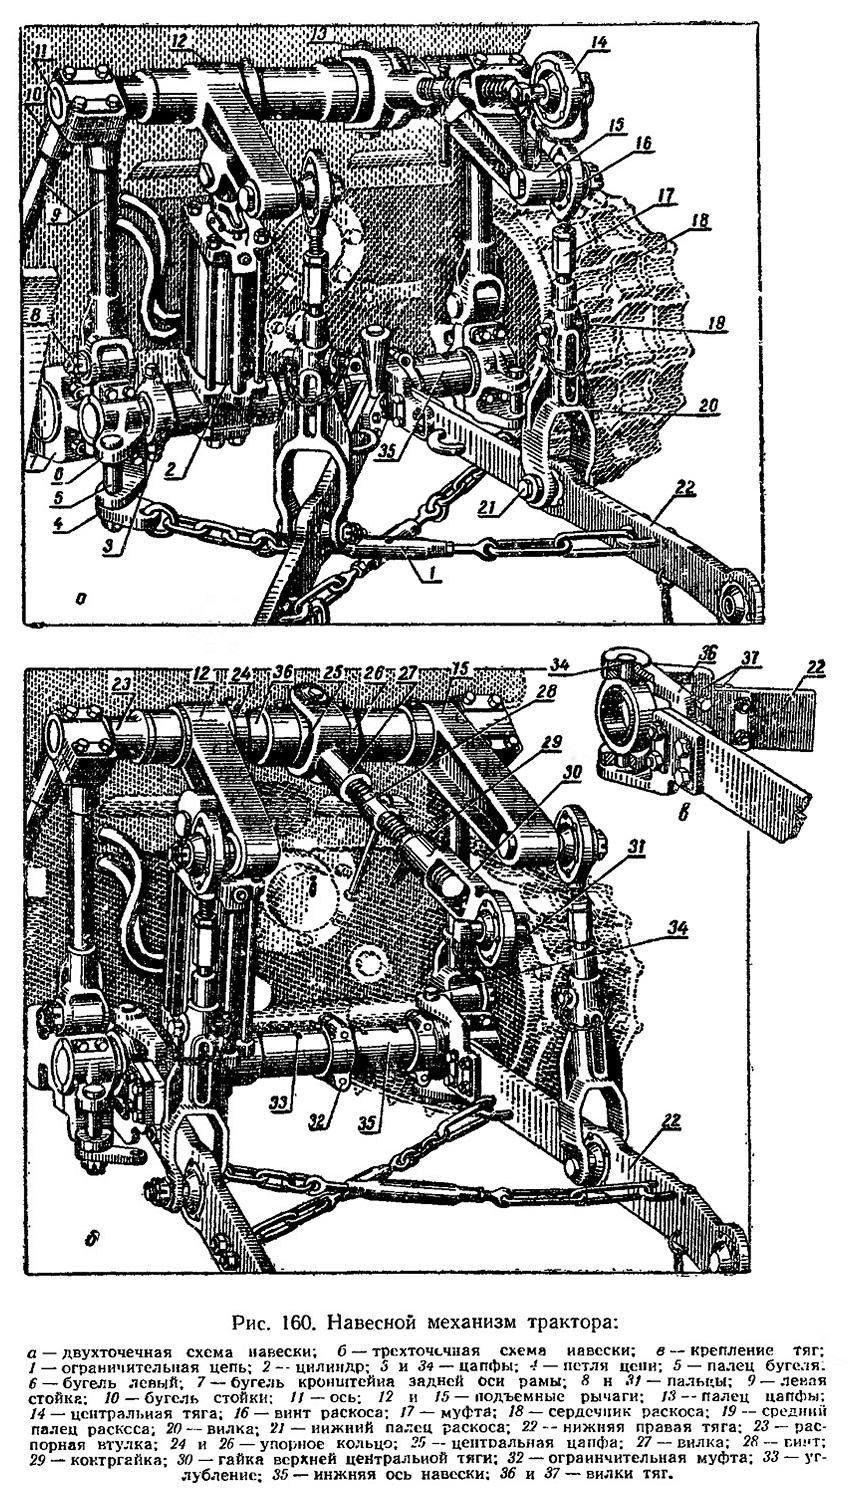 Схема навески трактора по двухточечной схеме